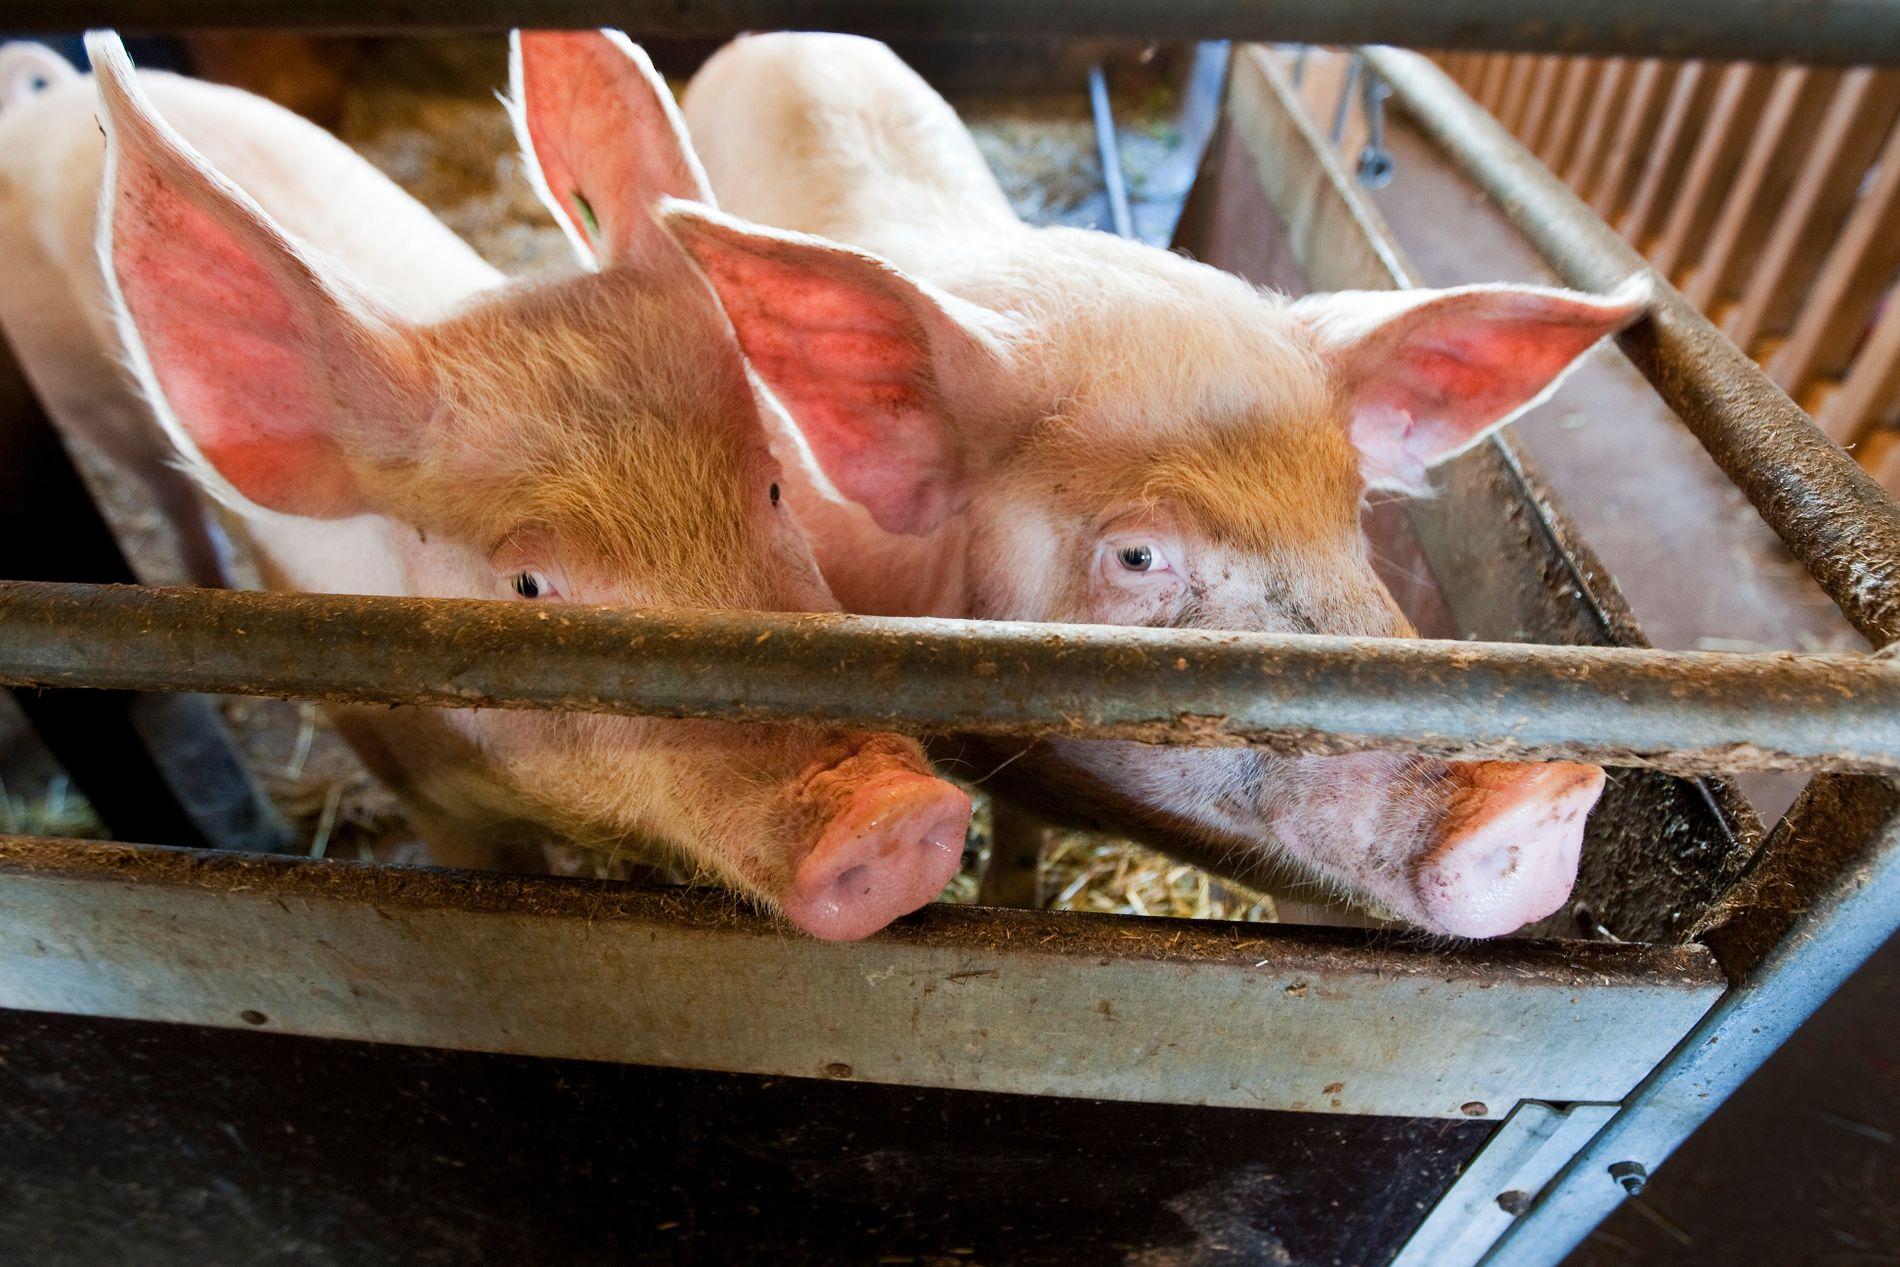 Overproduksjon av svinekjøtt gjør at partene bak jordbruksavtalen skal utrede en mulig ordning for å kjøpe ut bønder.